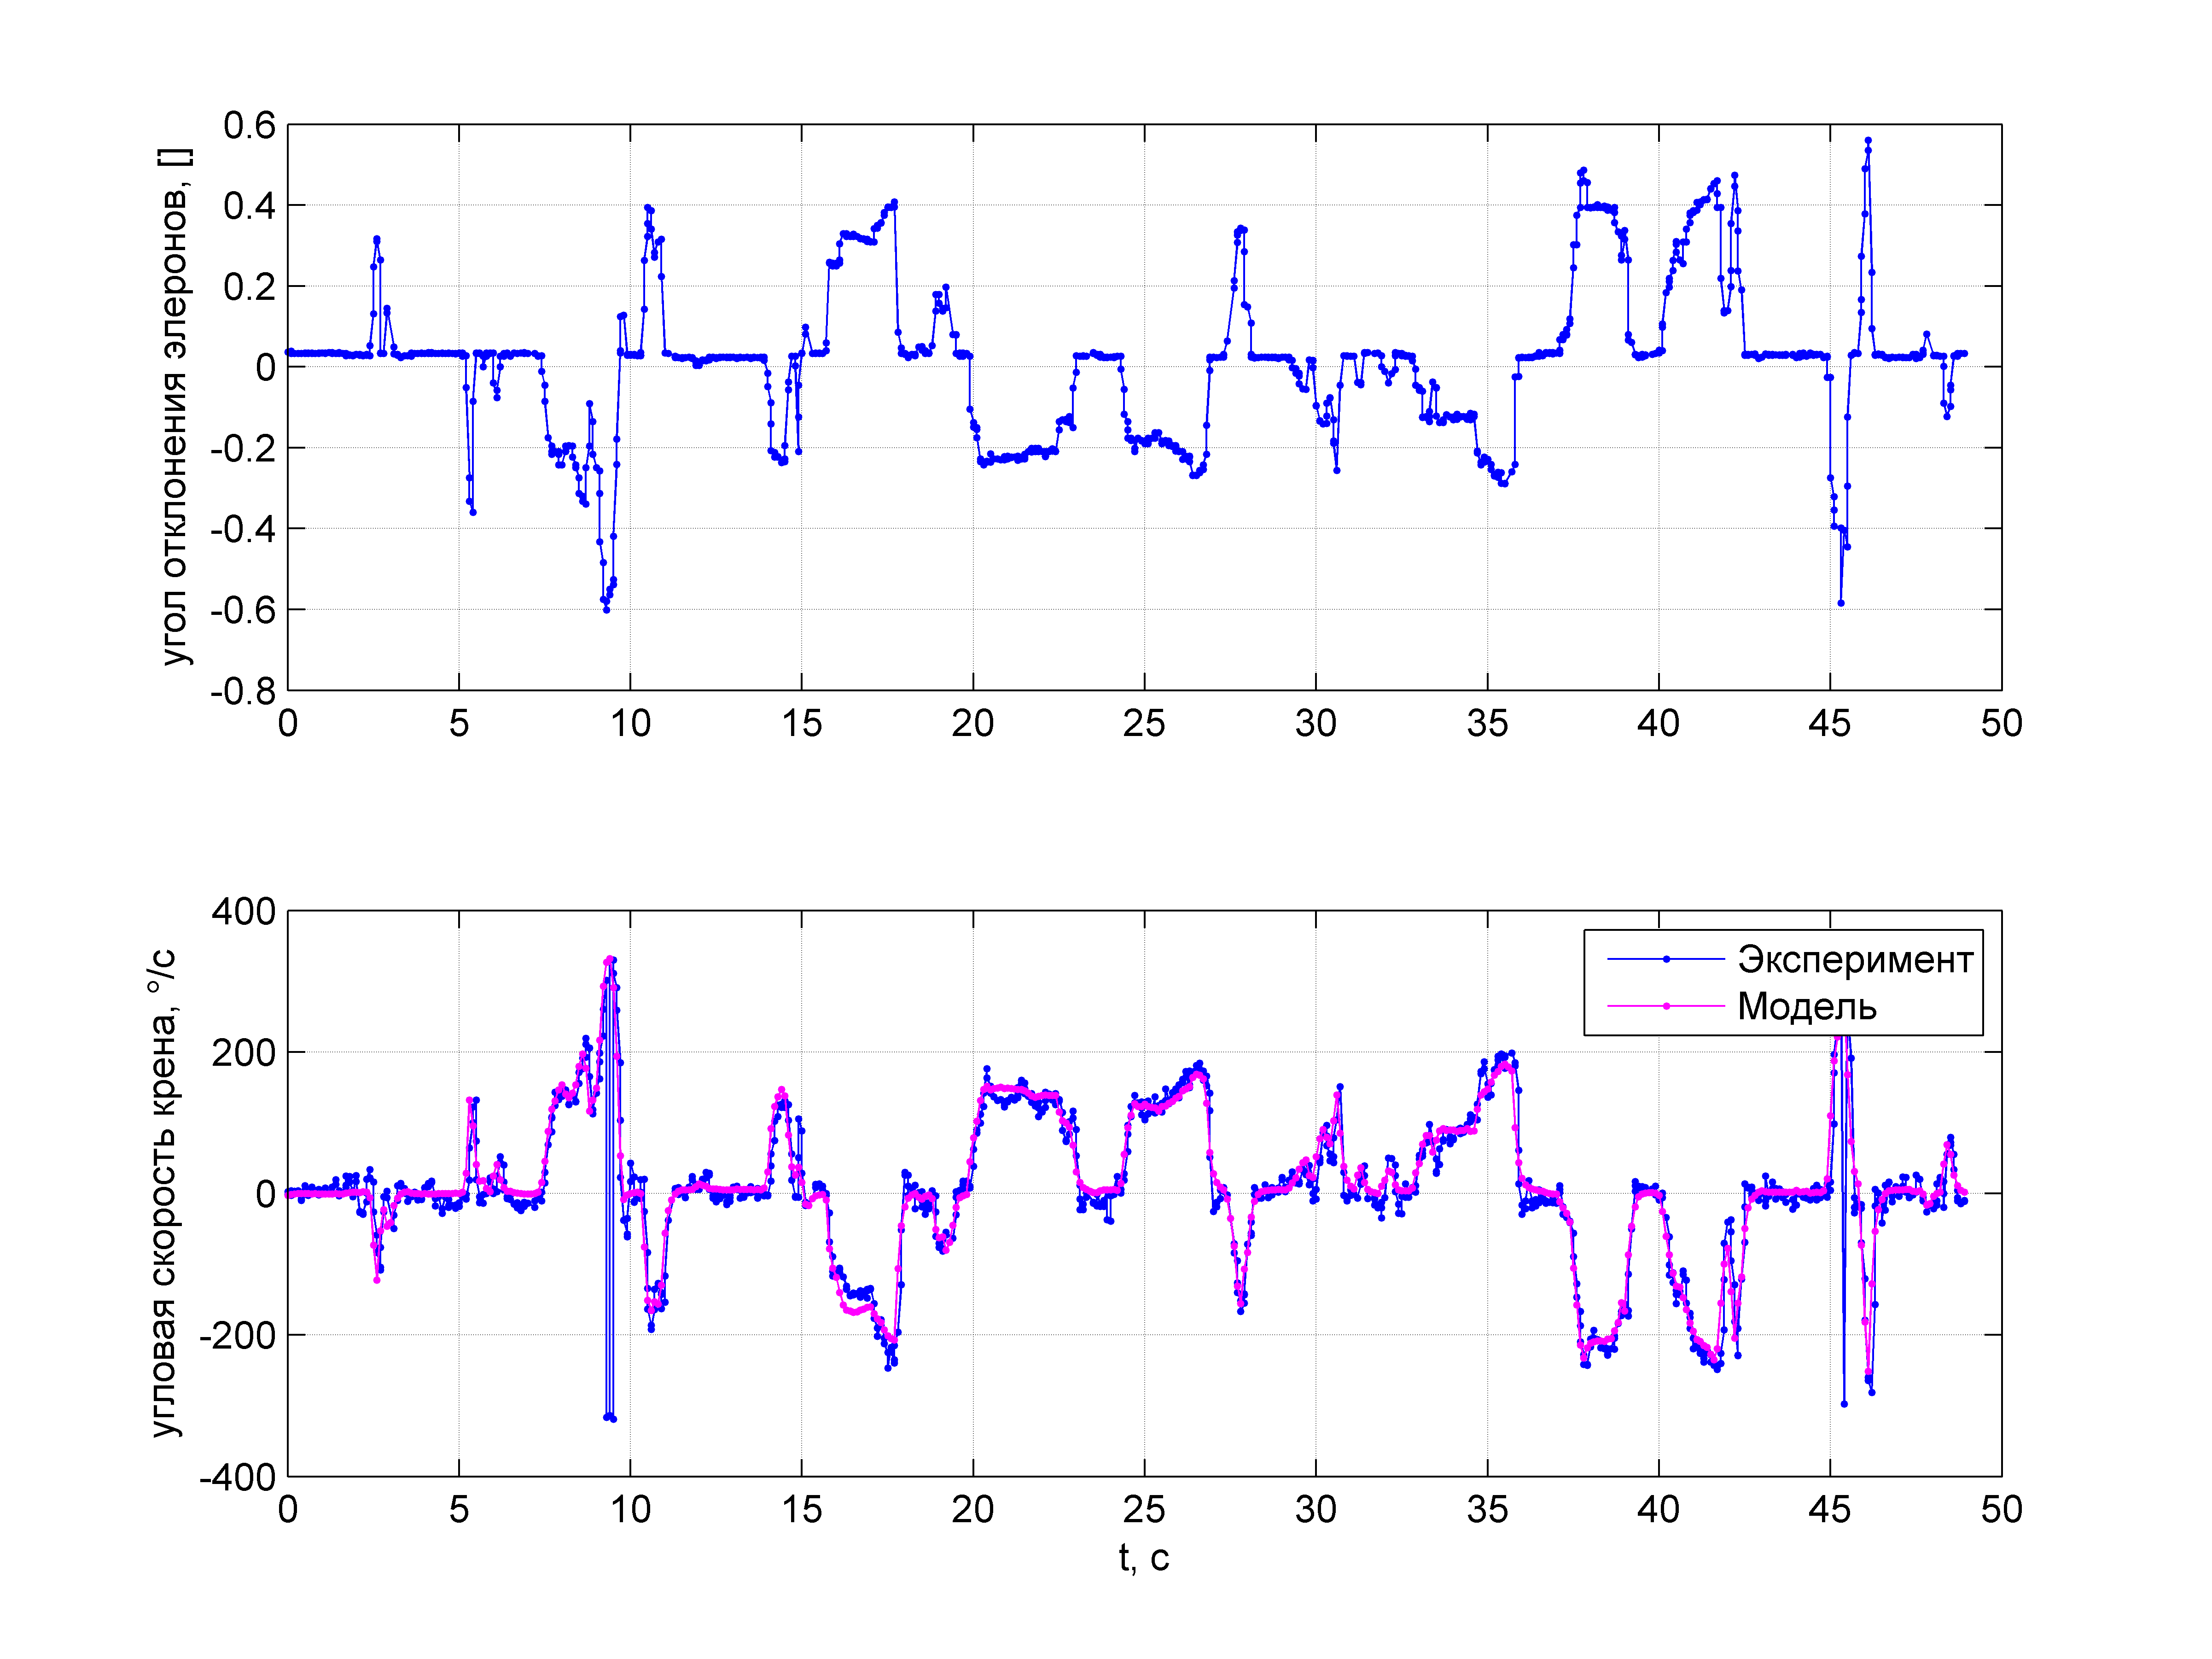 Пилотажный ДПЛА. Часть 2. Простейшая модель движения для выполнения бочки - 79